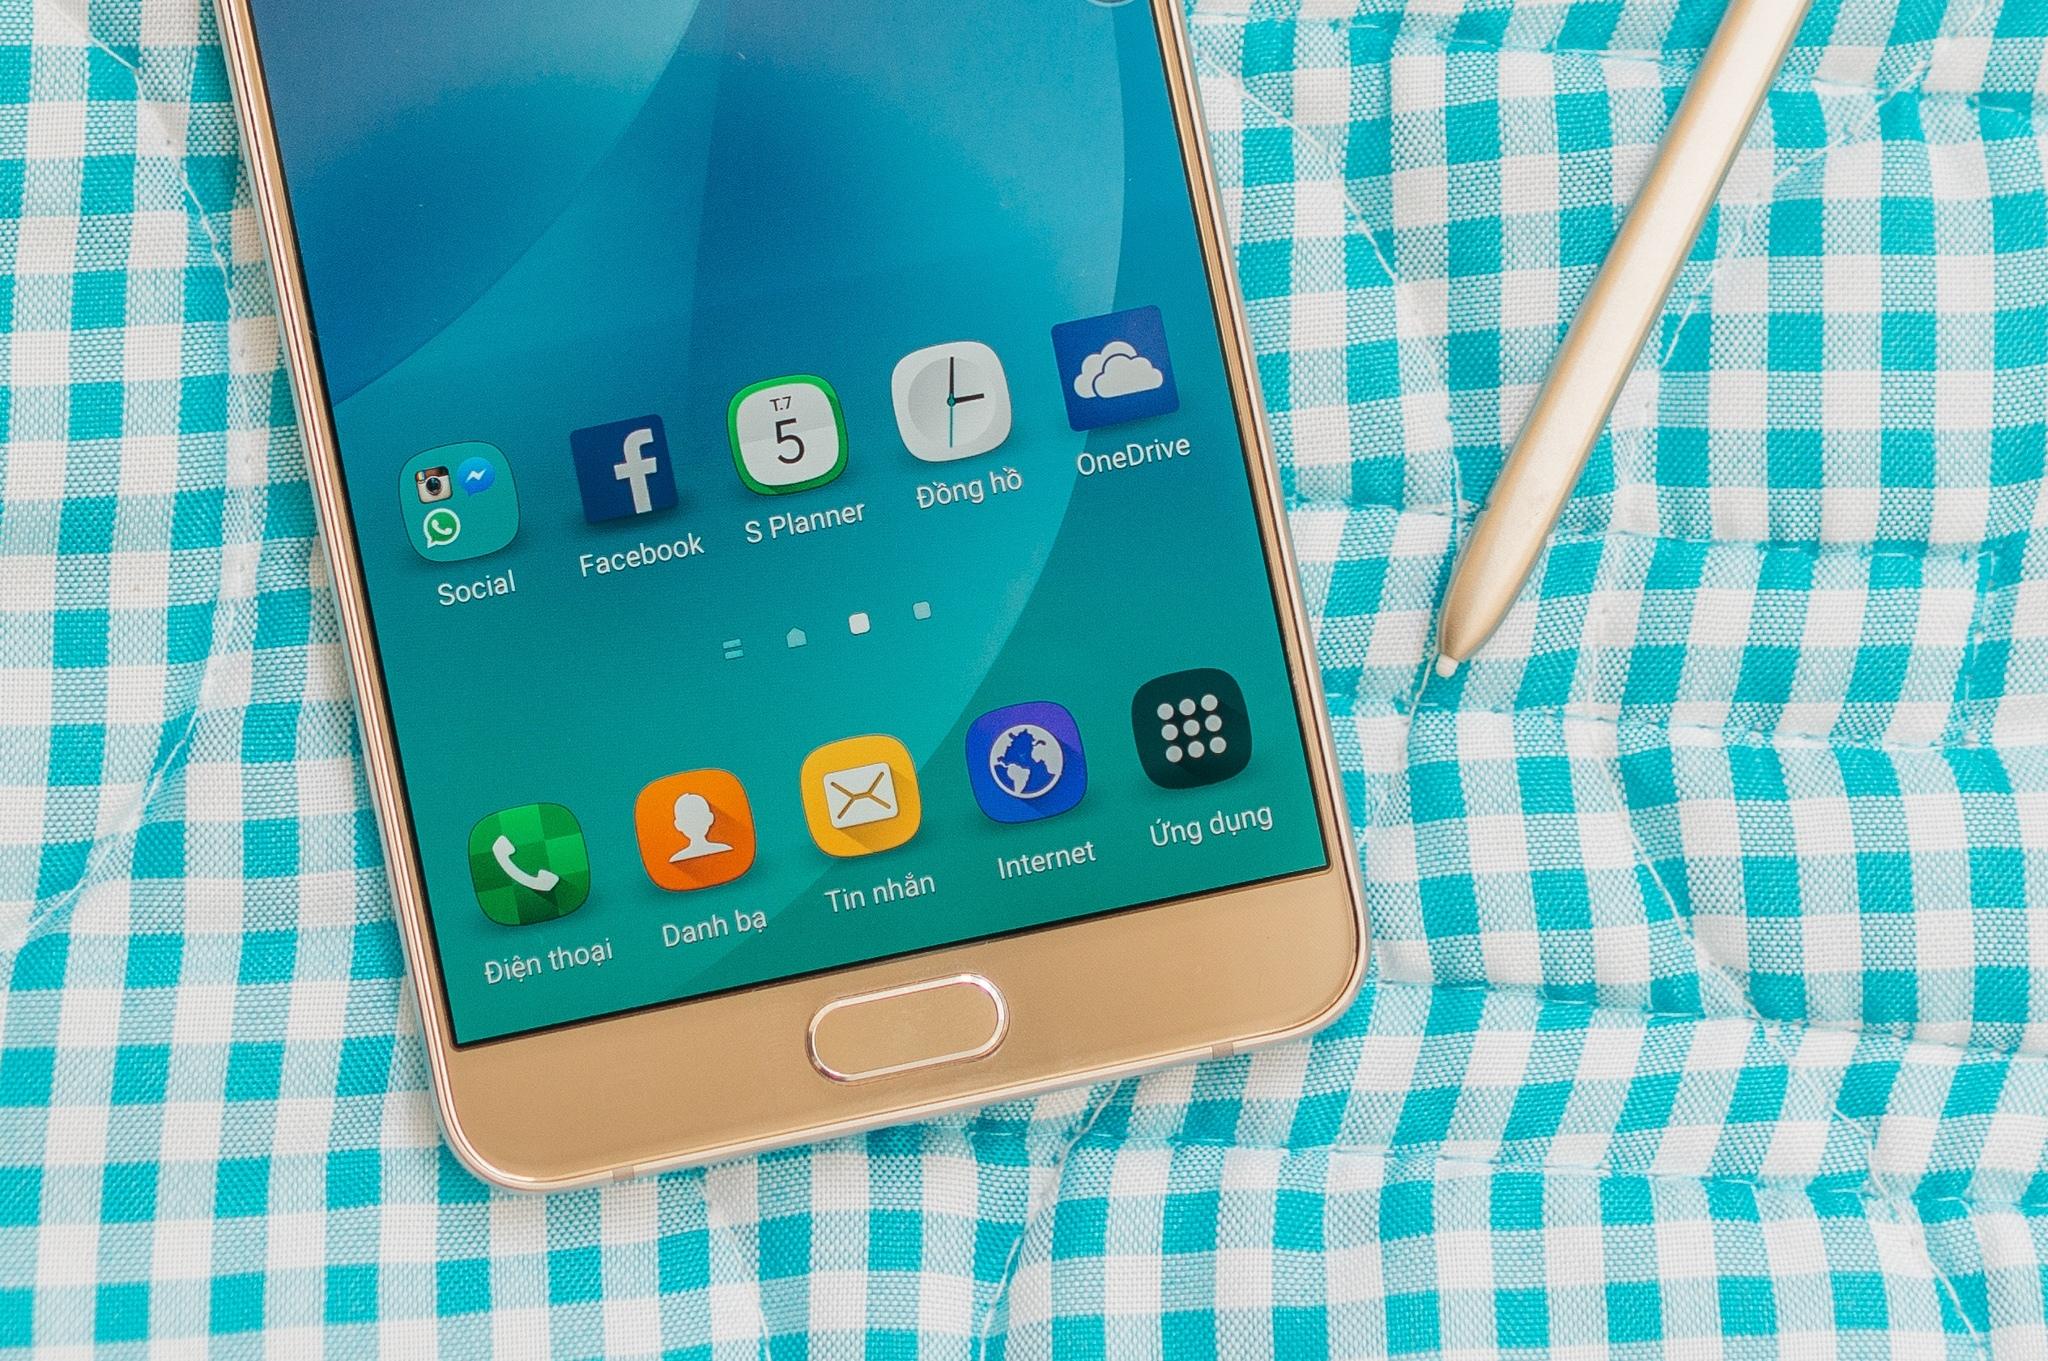 Galaxy Note 5 màn hình sắc nét giá hấp dẫn